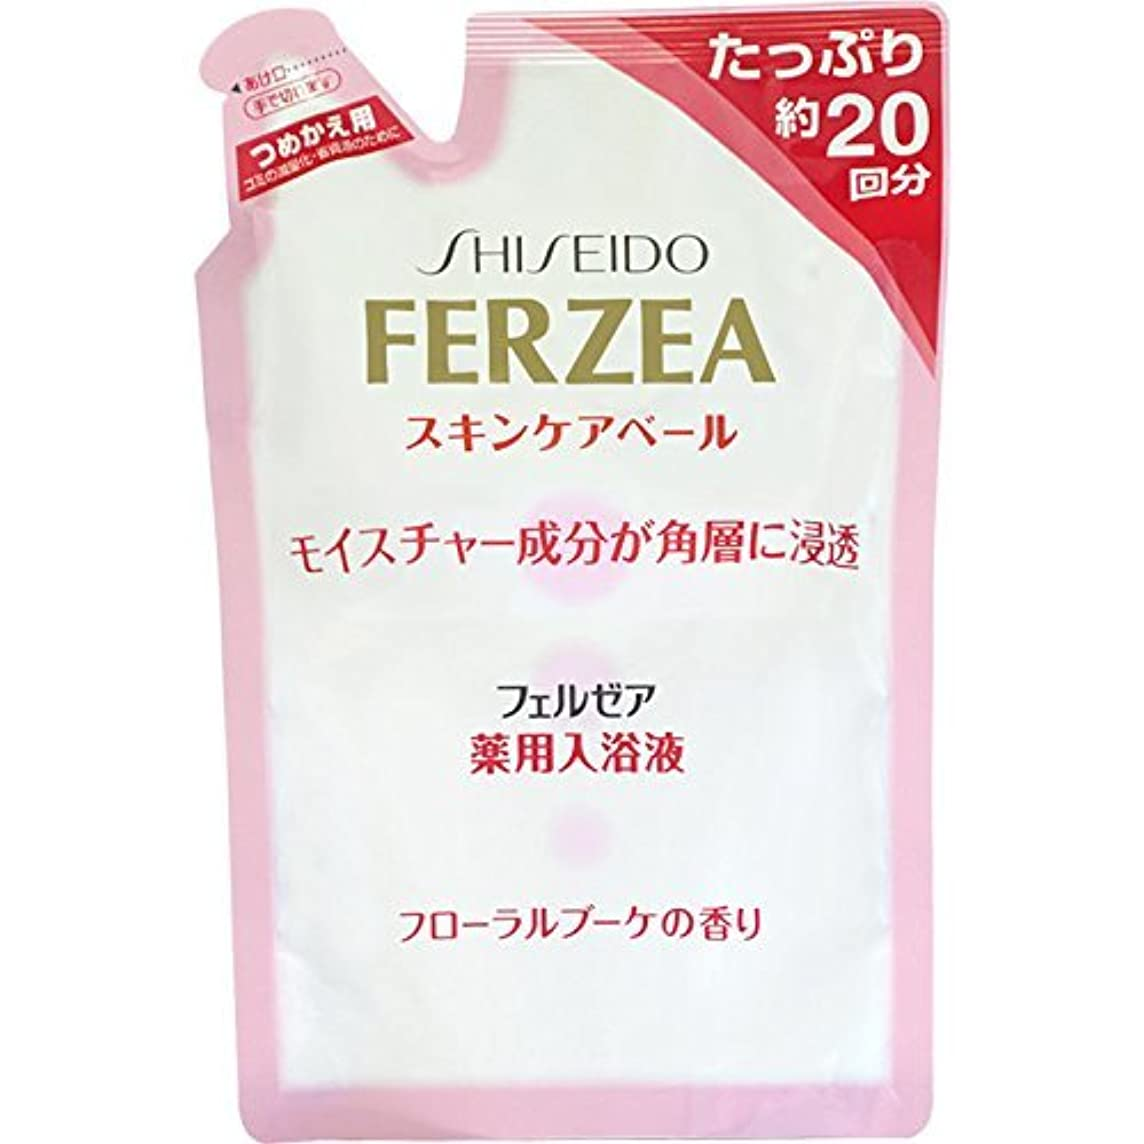 構造的放射能情緒的フェルゼア薬用スキンケア入浴液F詰替 500ml